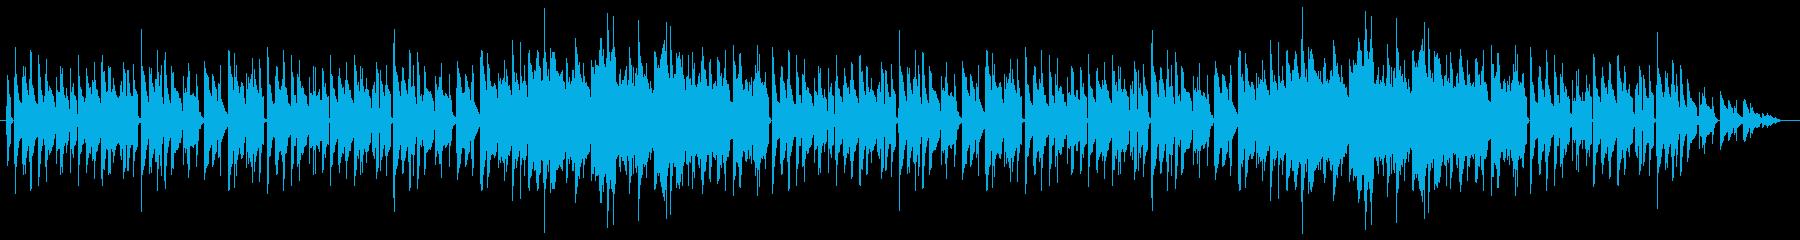 日本風の旋律が特徴Hip Hopトラックの再生済みの波形